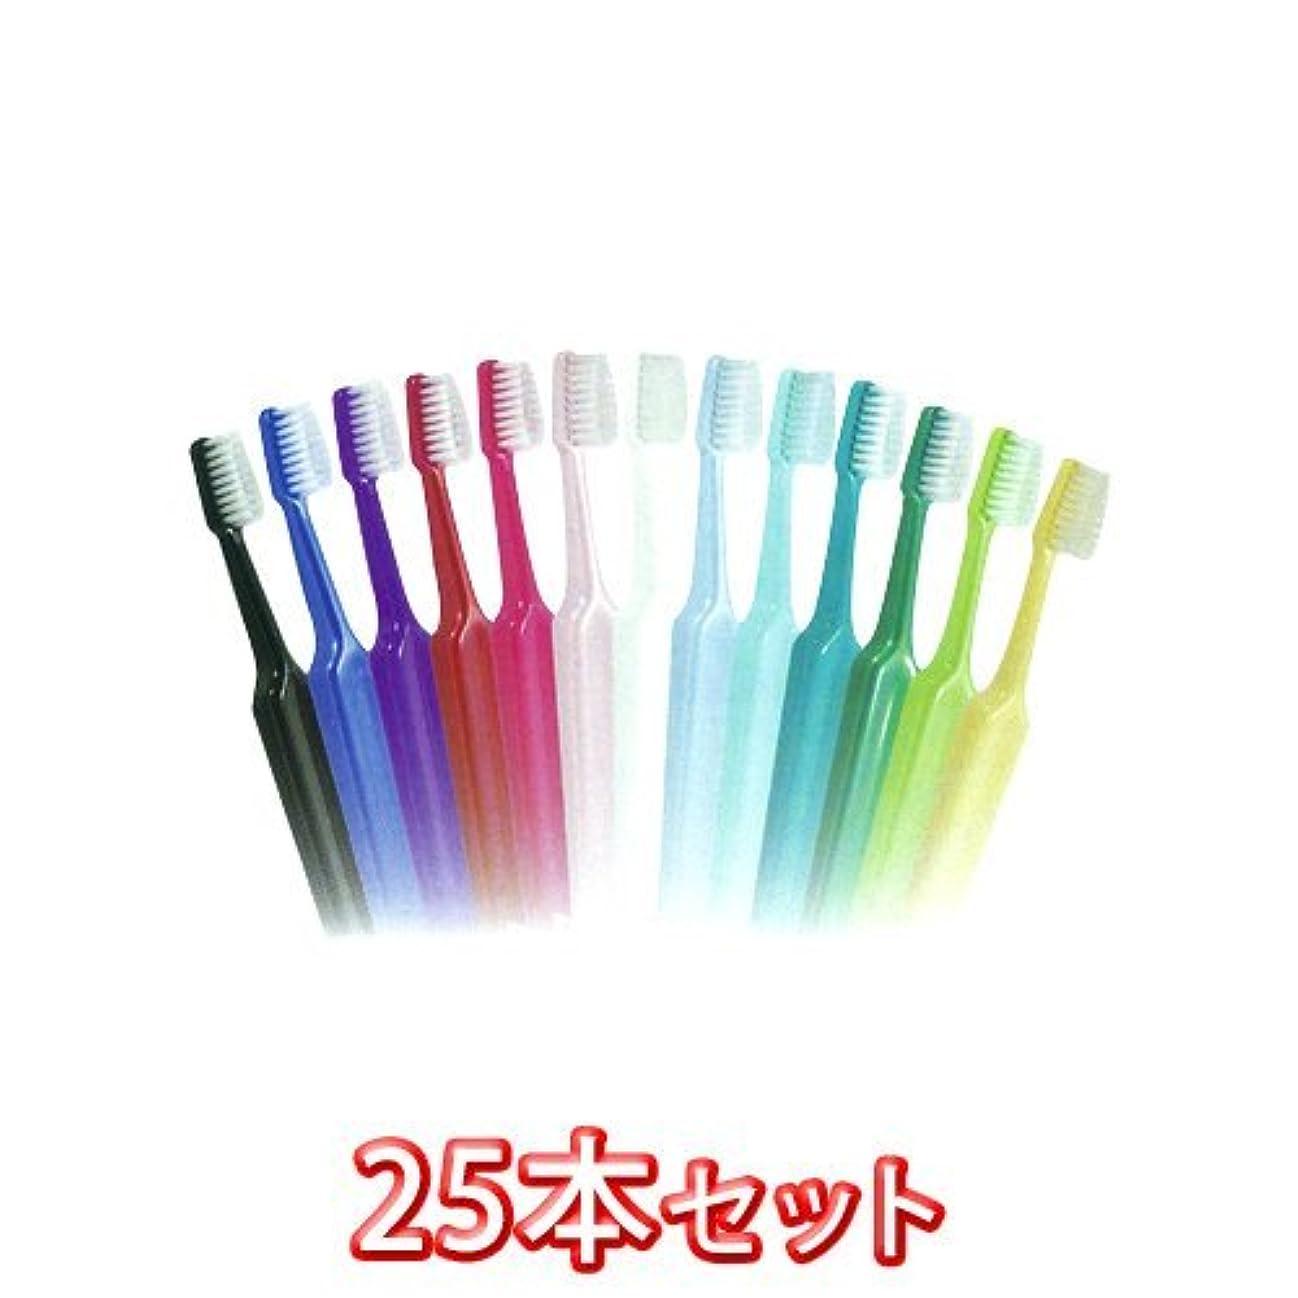 夜間補体協同TePeテペセレクトコンパクト歯ブラシ 25本(コンパクトエクストラソフト)